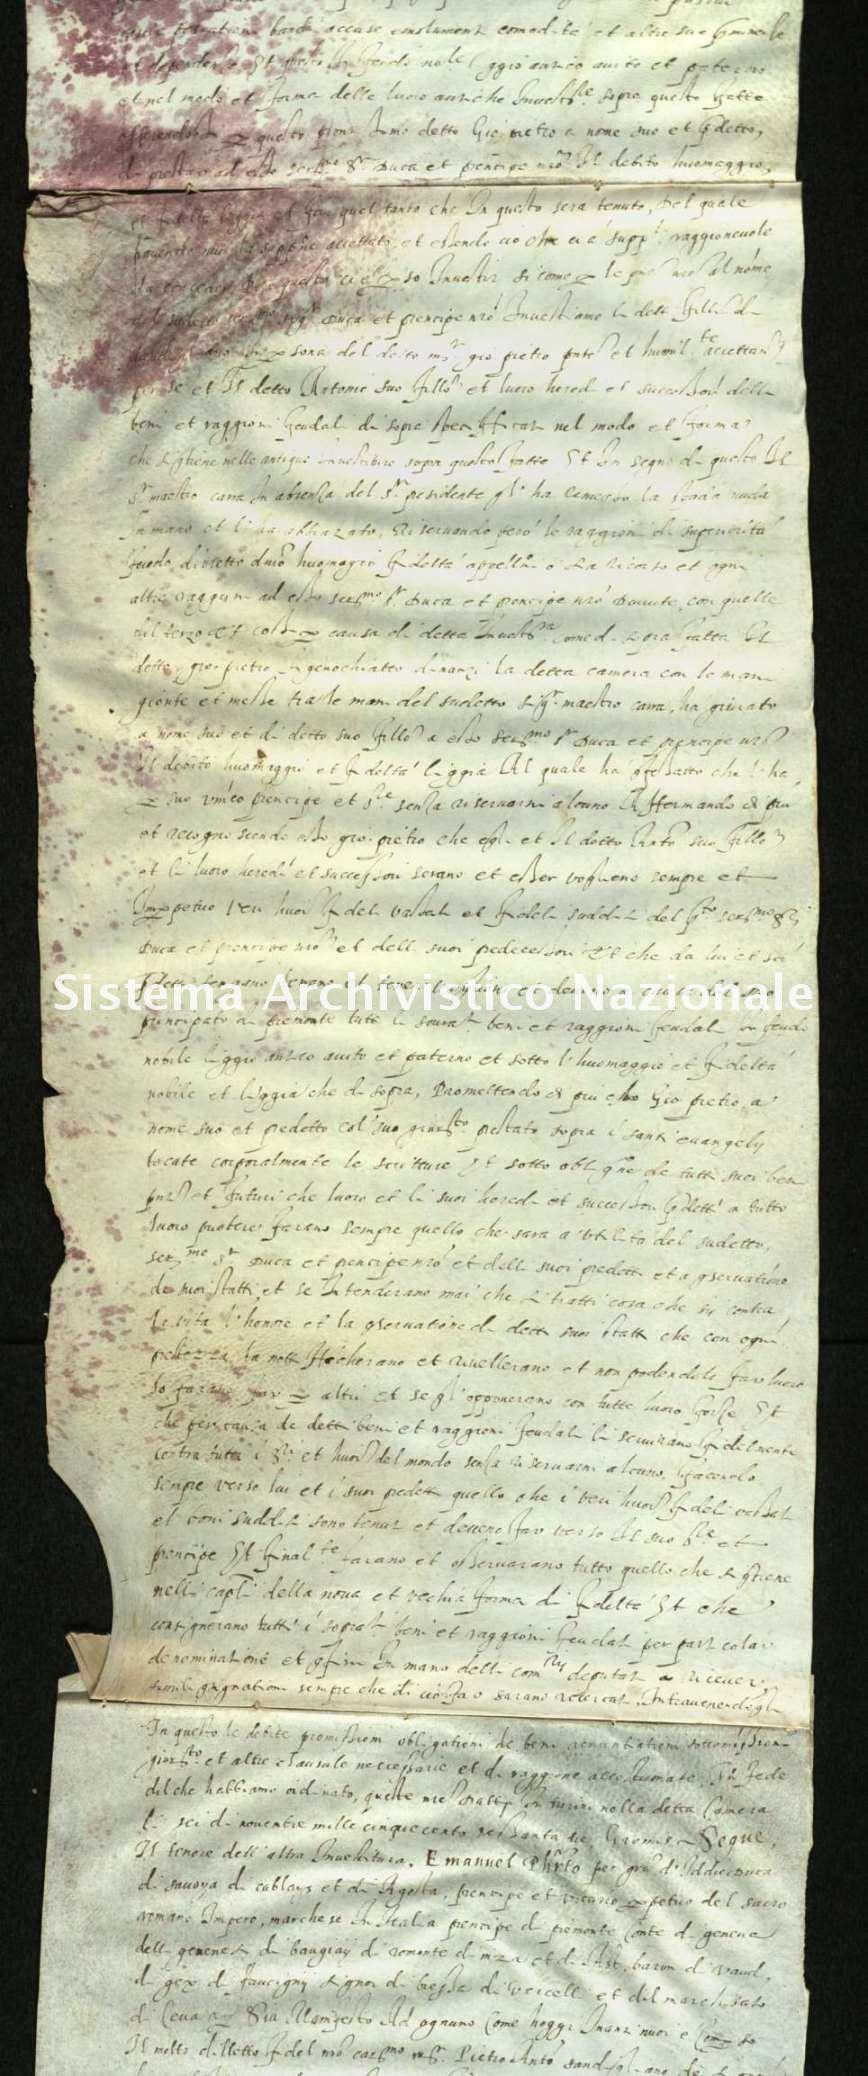 Archivio di Stato di Biella, Morra di Sandigliano, Pergamene, Moncrivello 11 giugno 1564